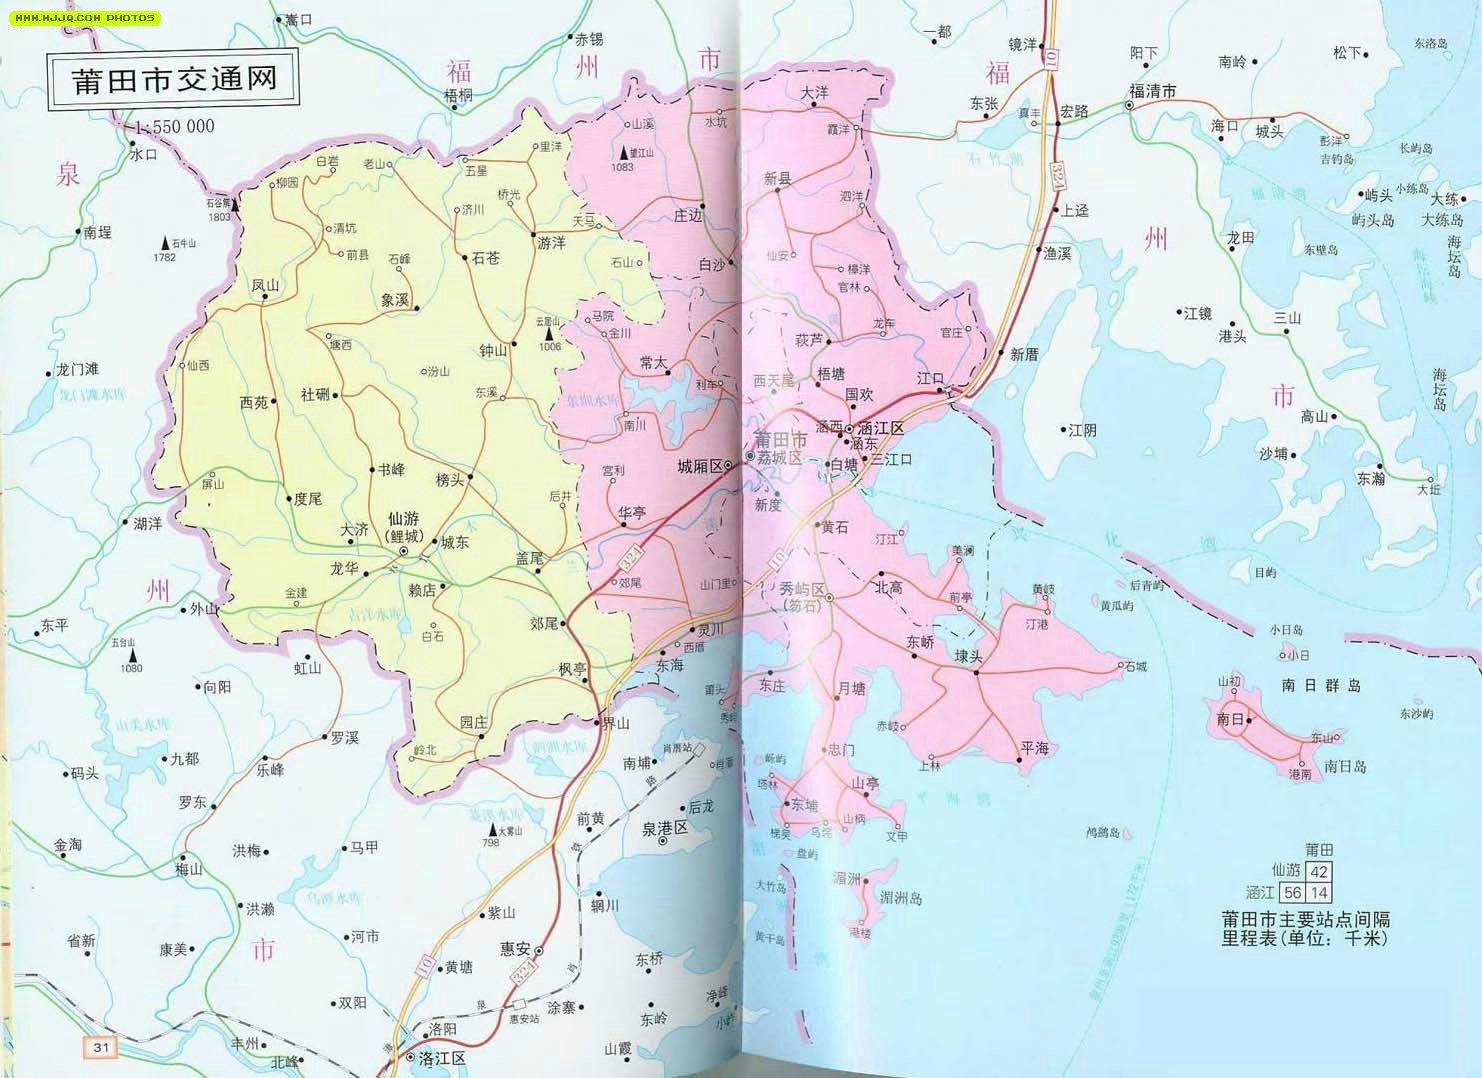 莆田地图_福建旅游地图库